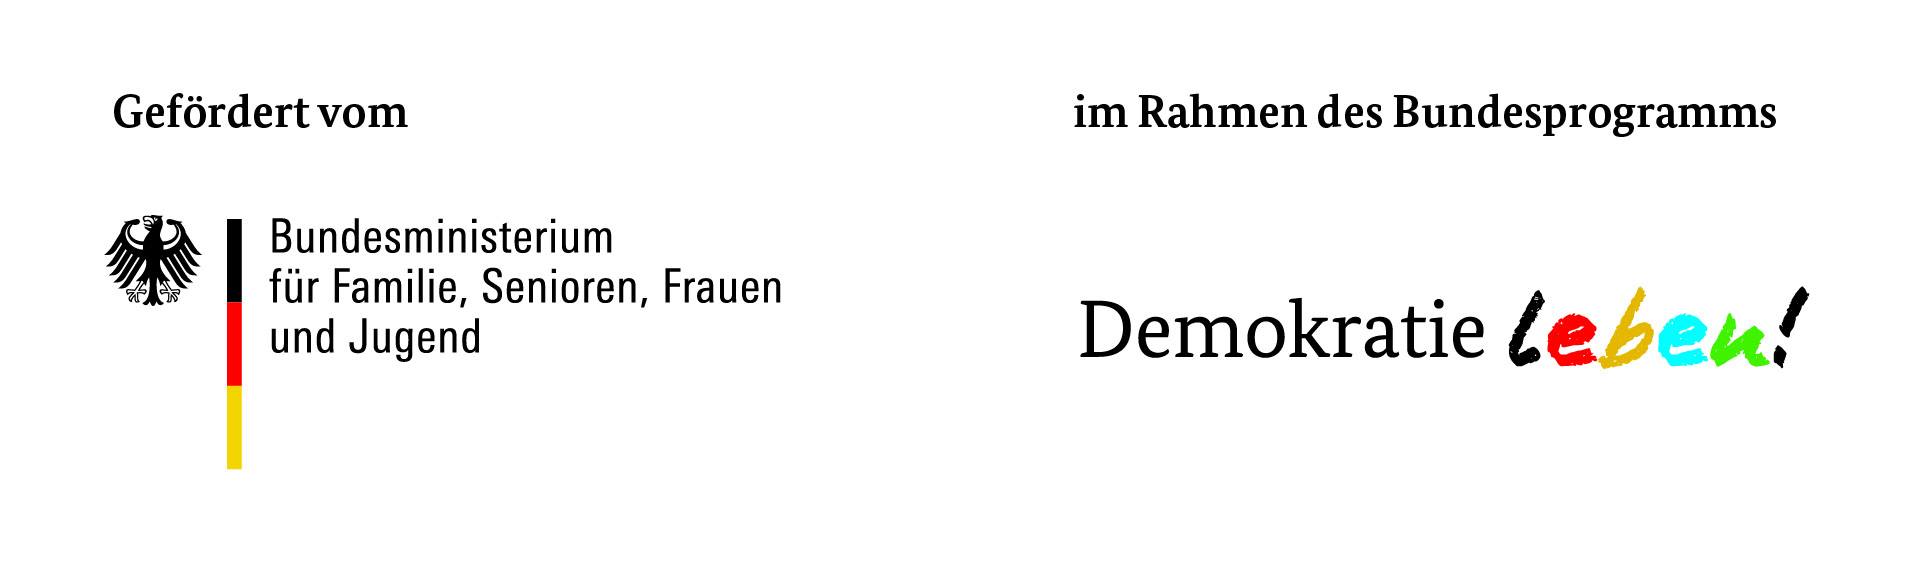 Logo Demokratie Leben Bund